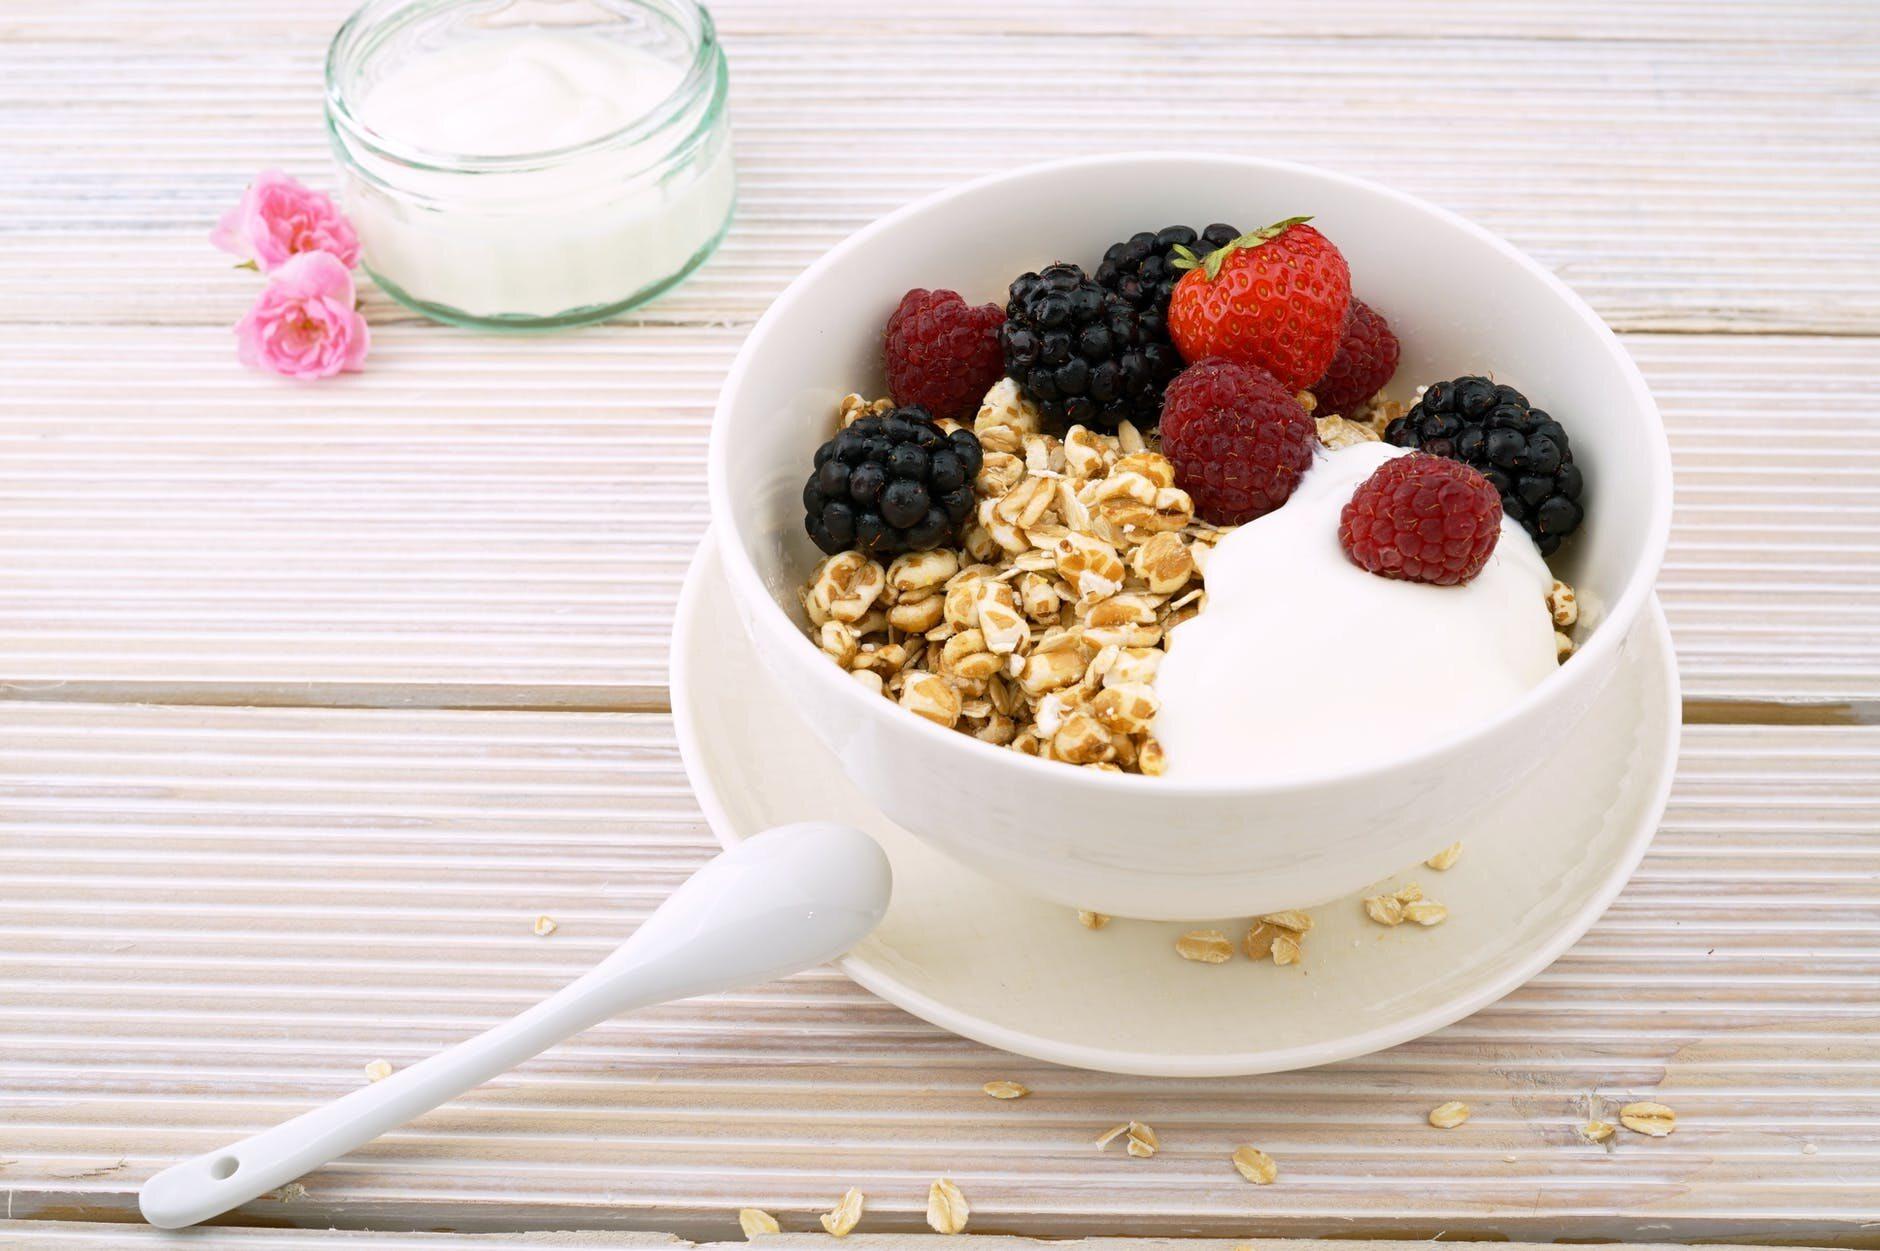 Płatki owsiane z jogurtem i owocami